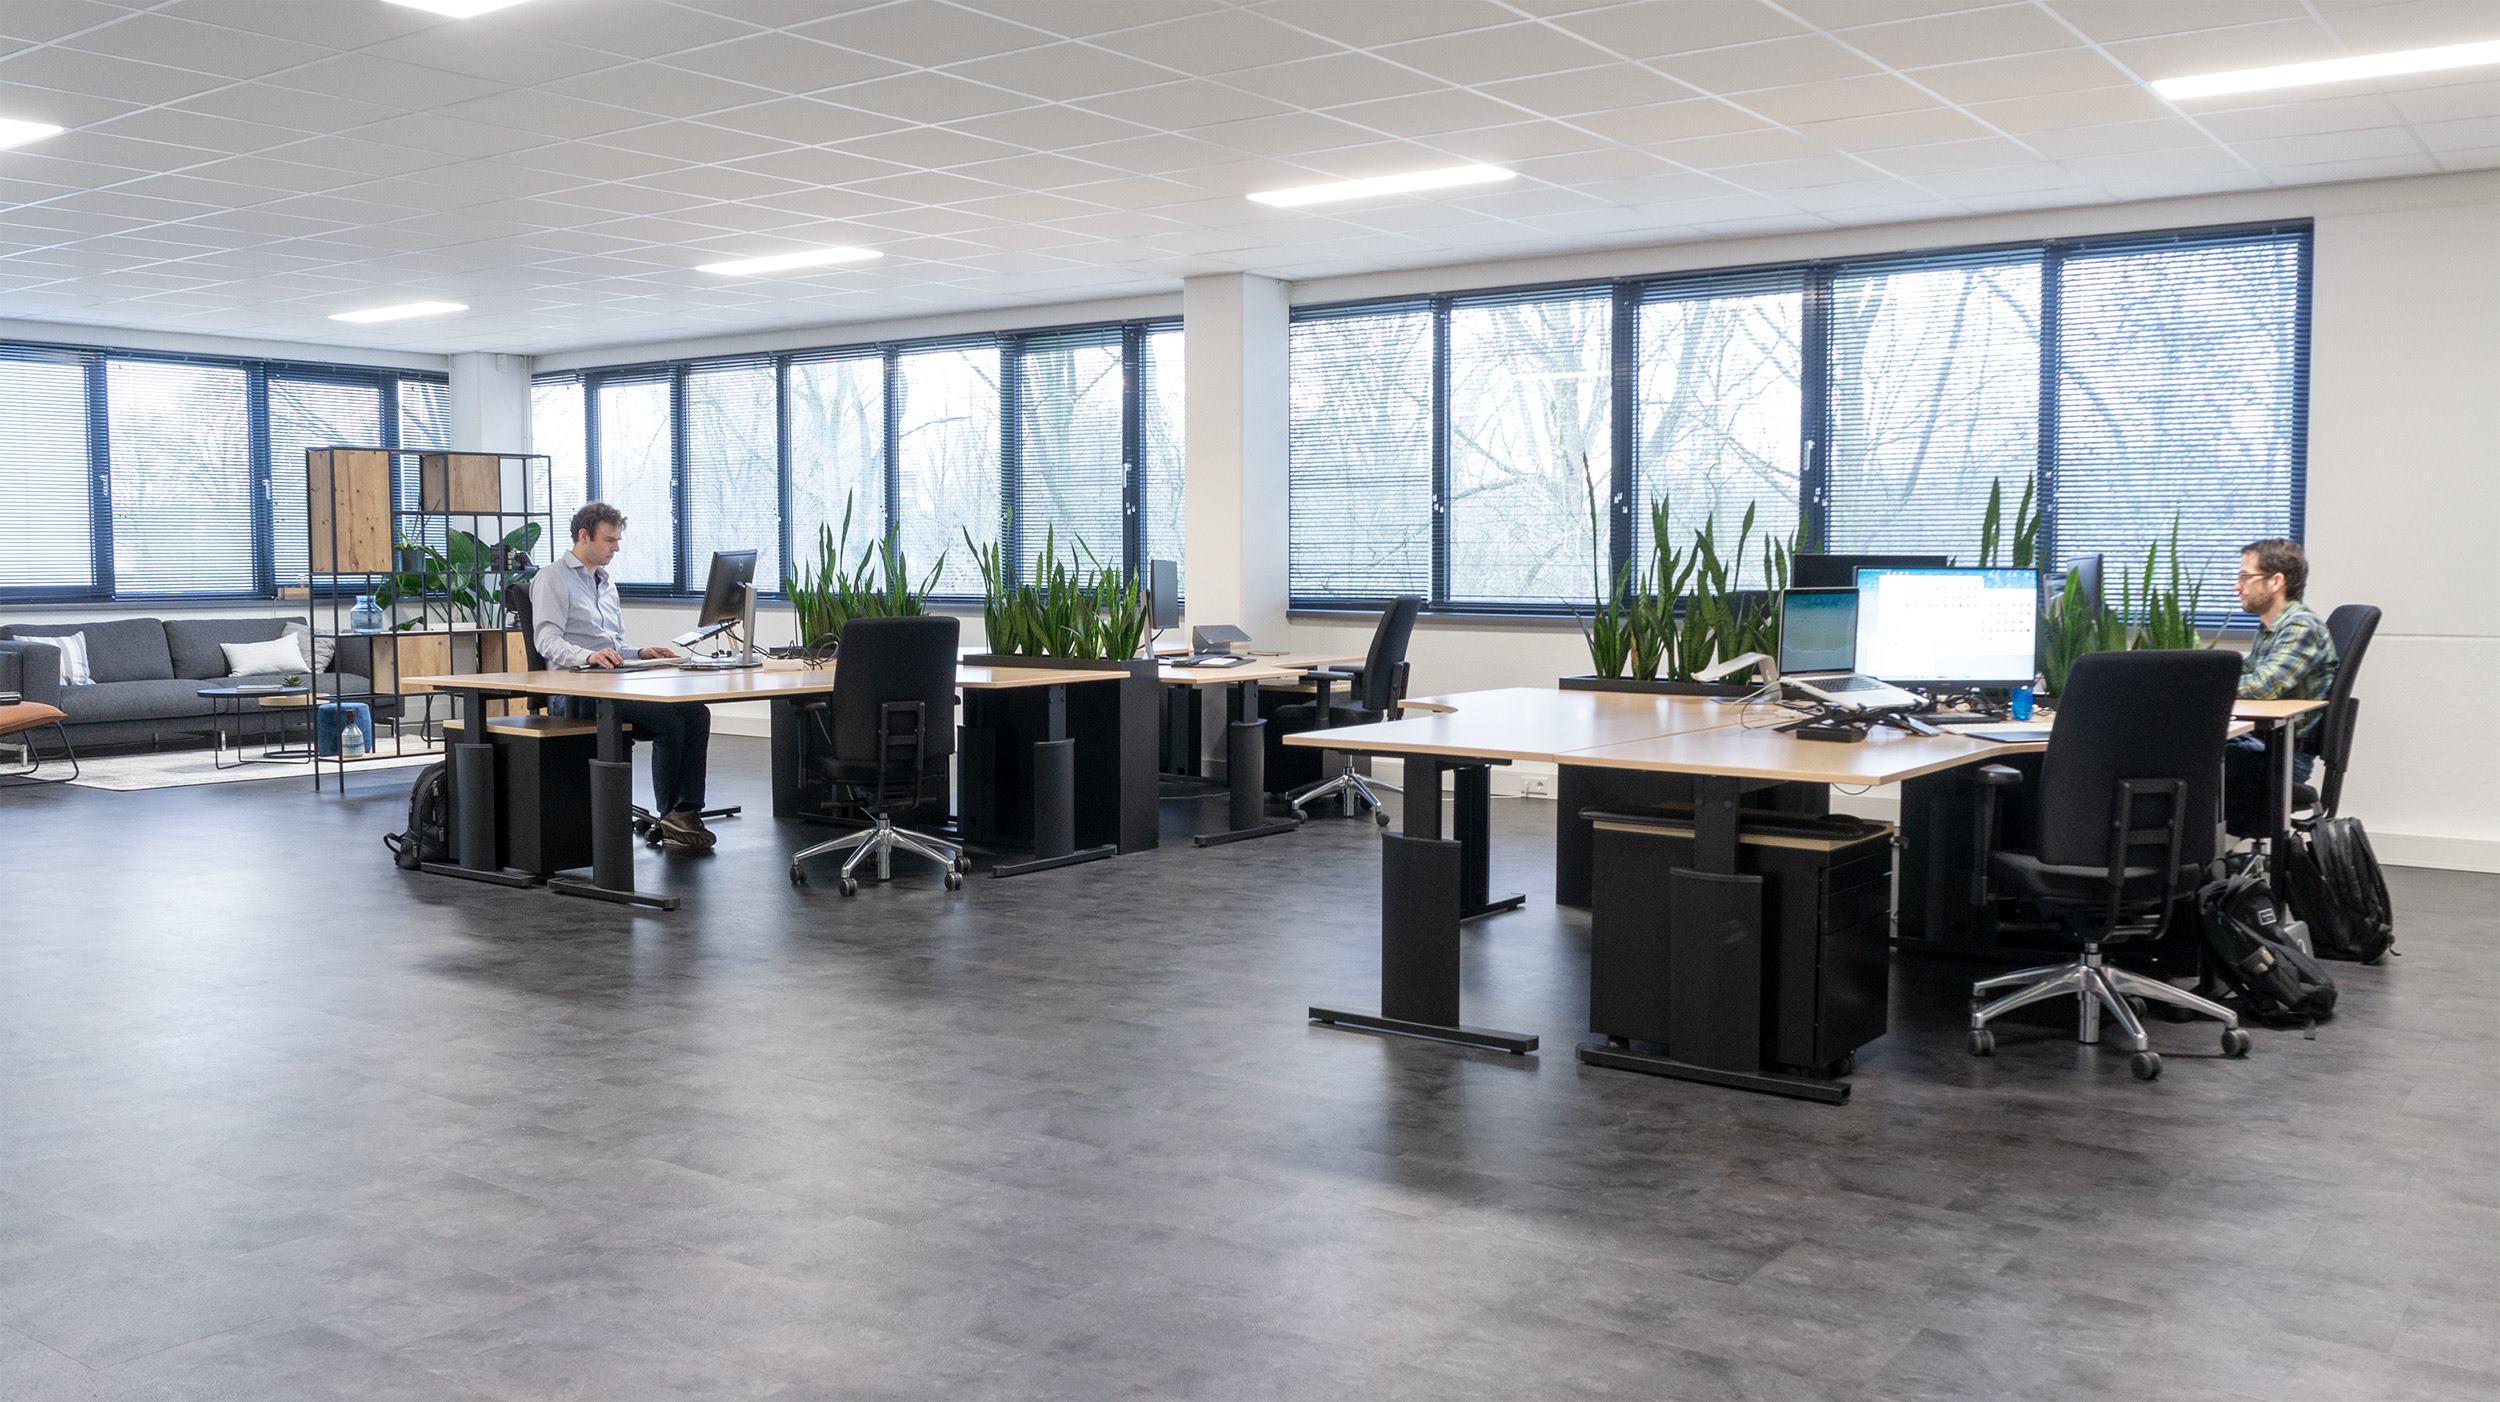 Wil jij werken aan uitdagende projecten in dit kantoor?